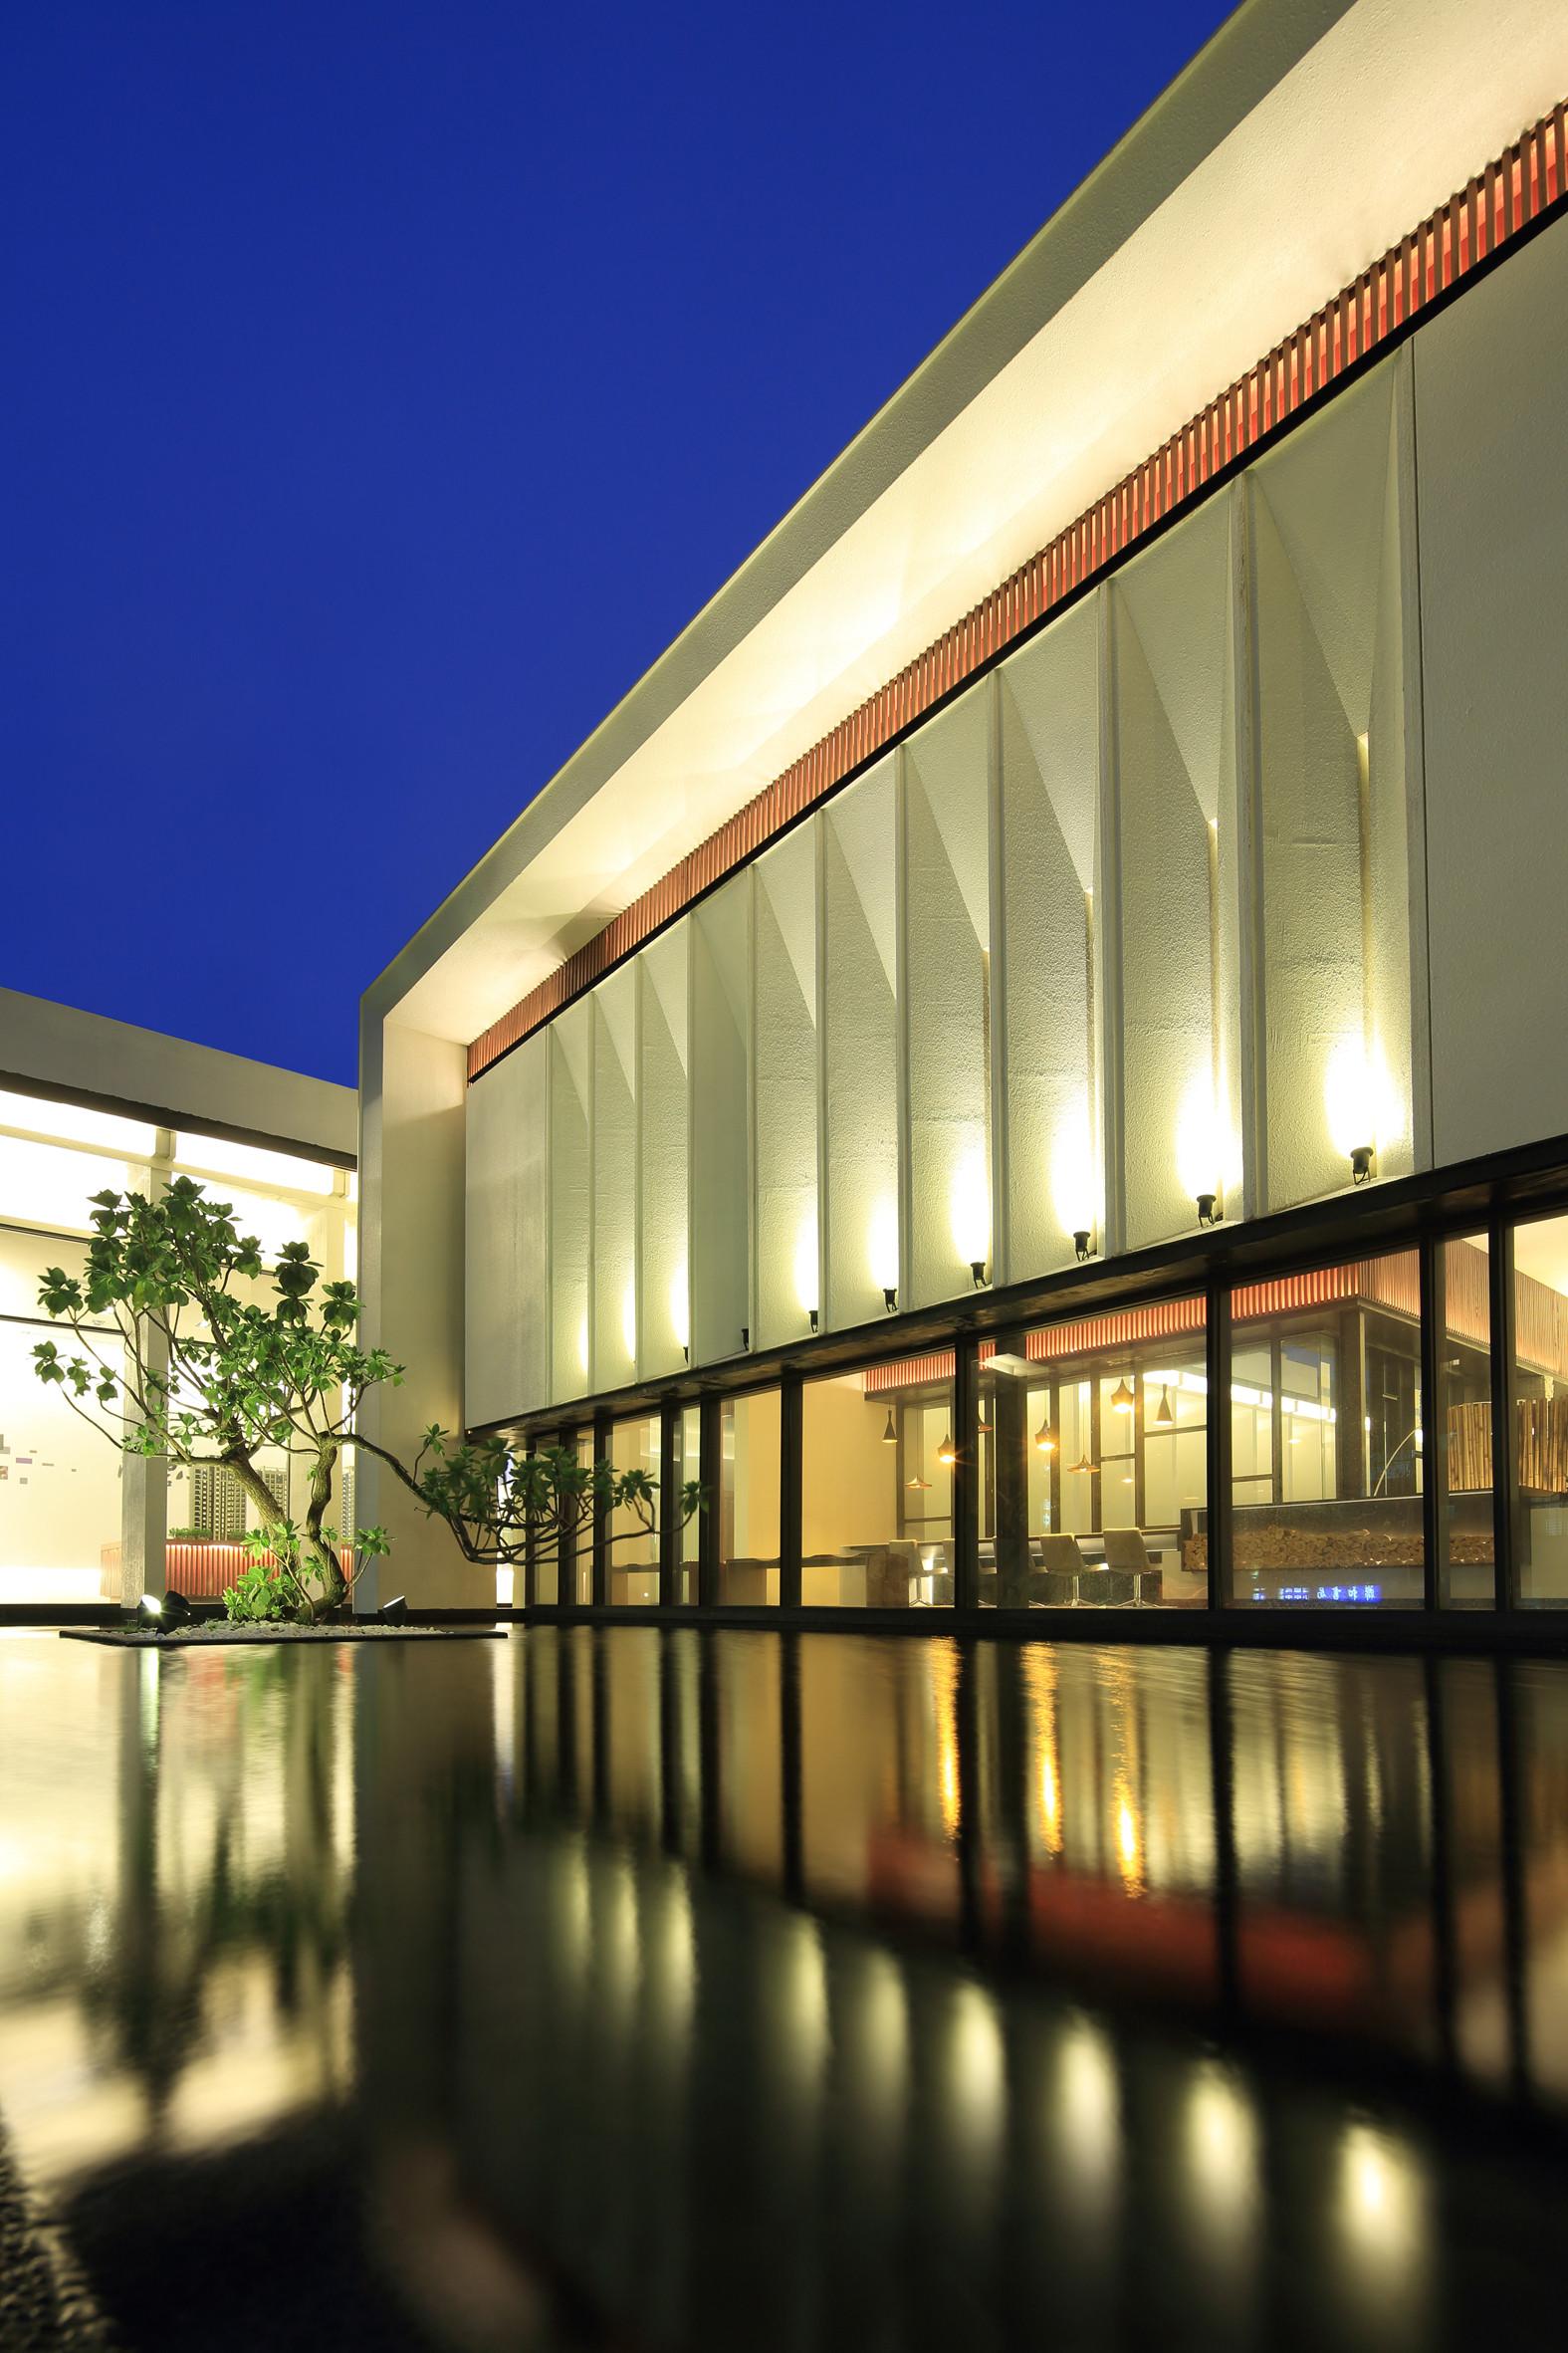 Exquisite Minimalist Arcadian Architecture